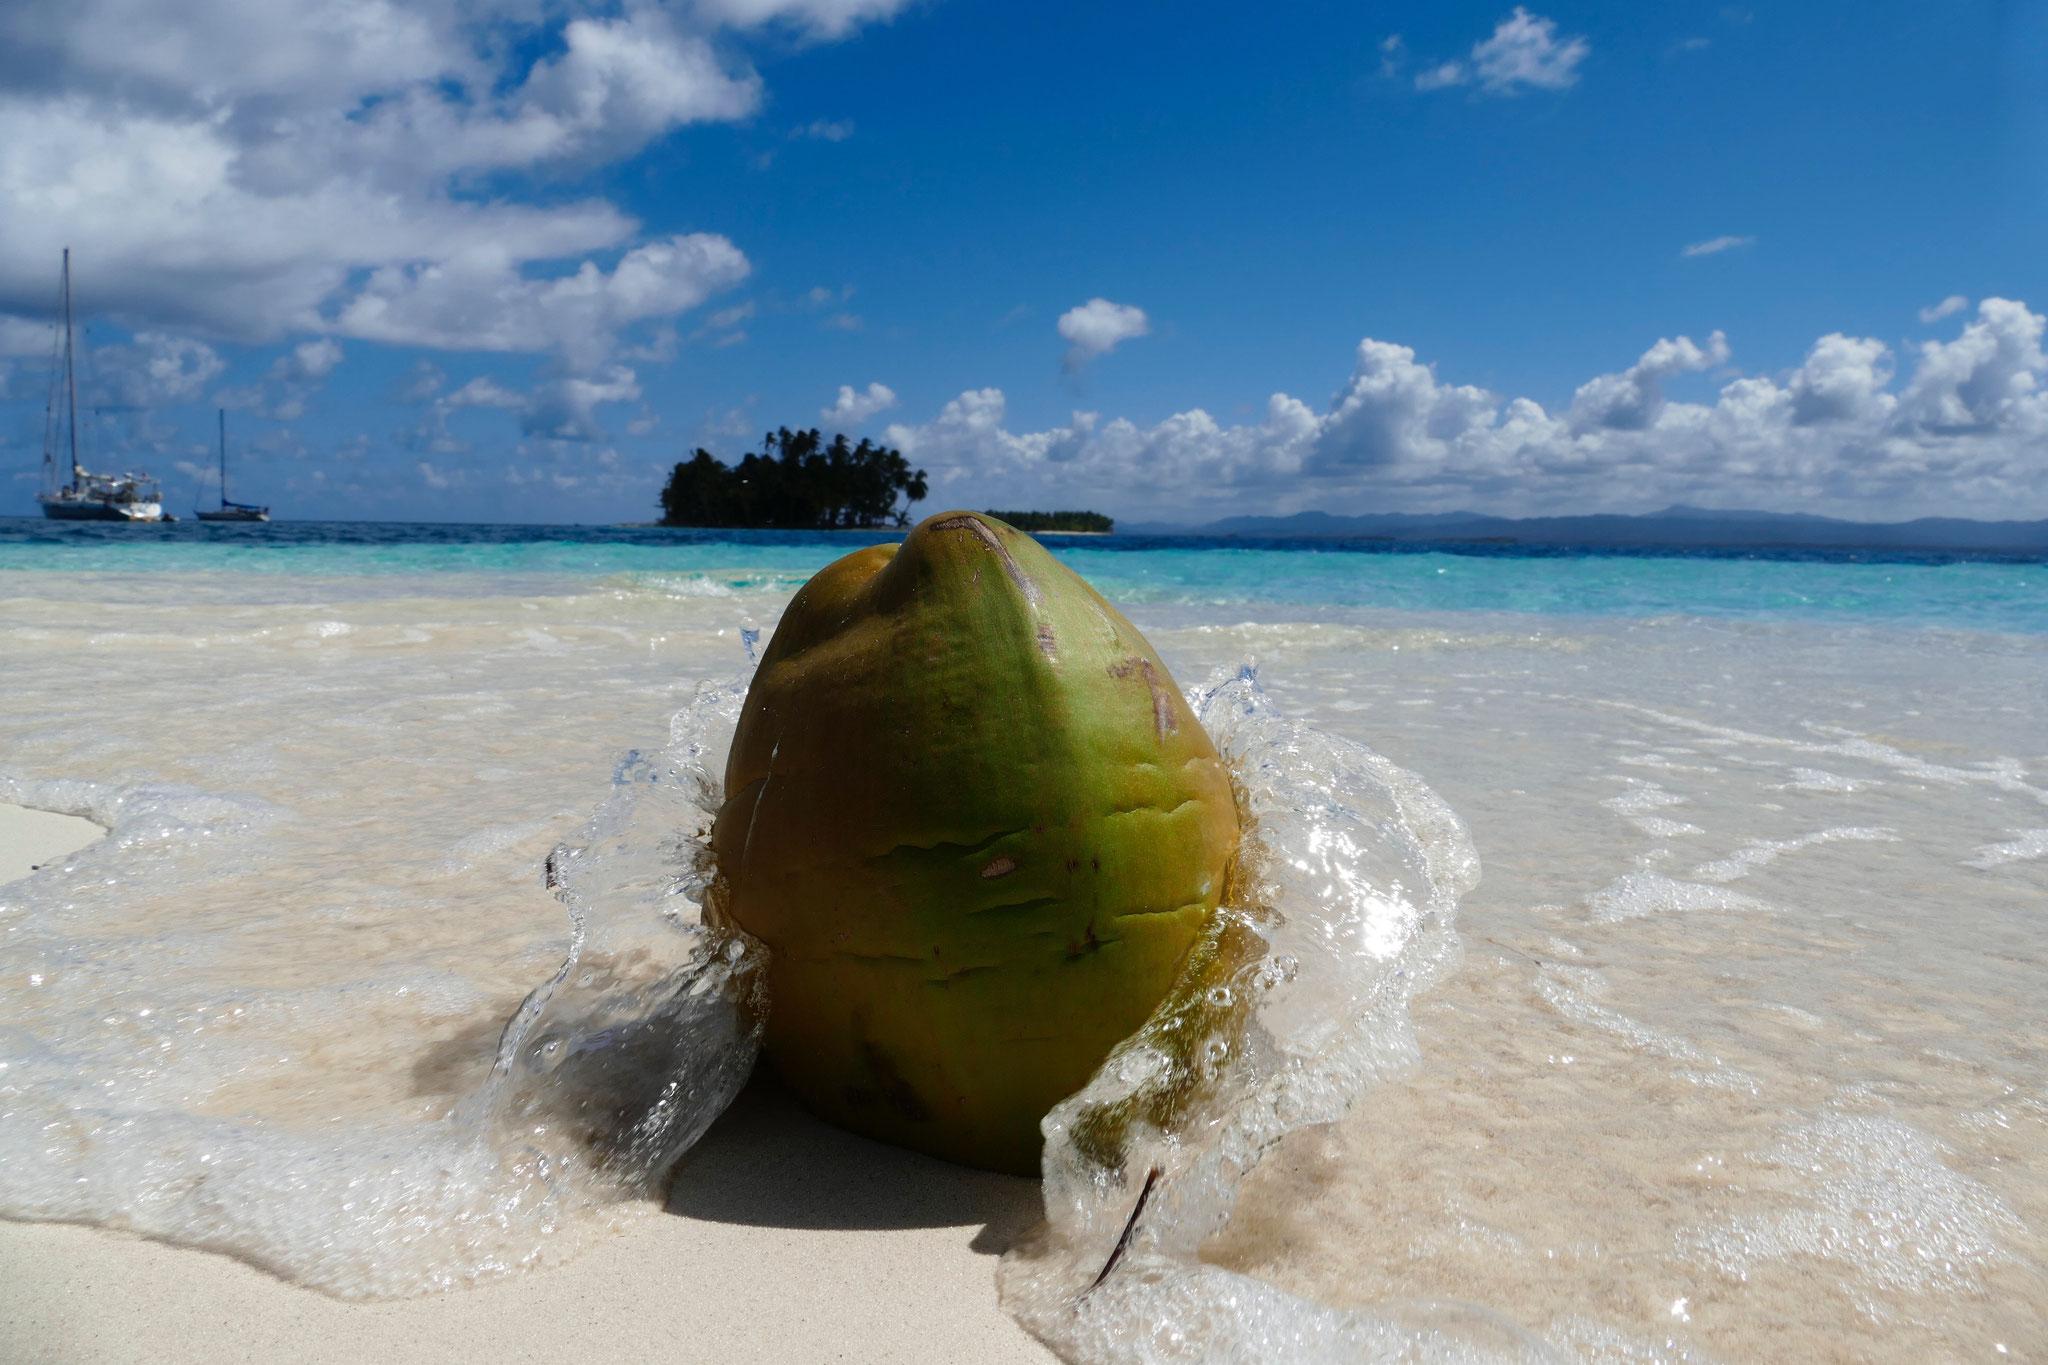 Die Kokosnüsse gelten bis heute als Zahlungsmittel auf einigen Inseln